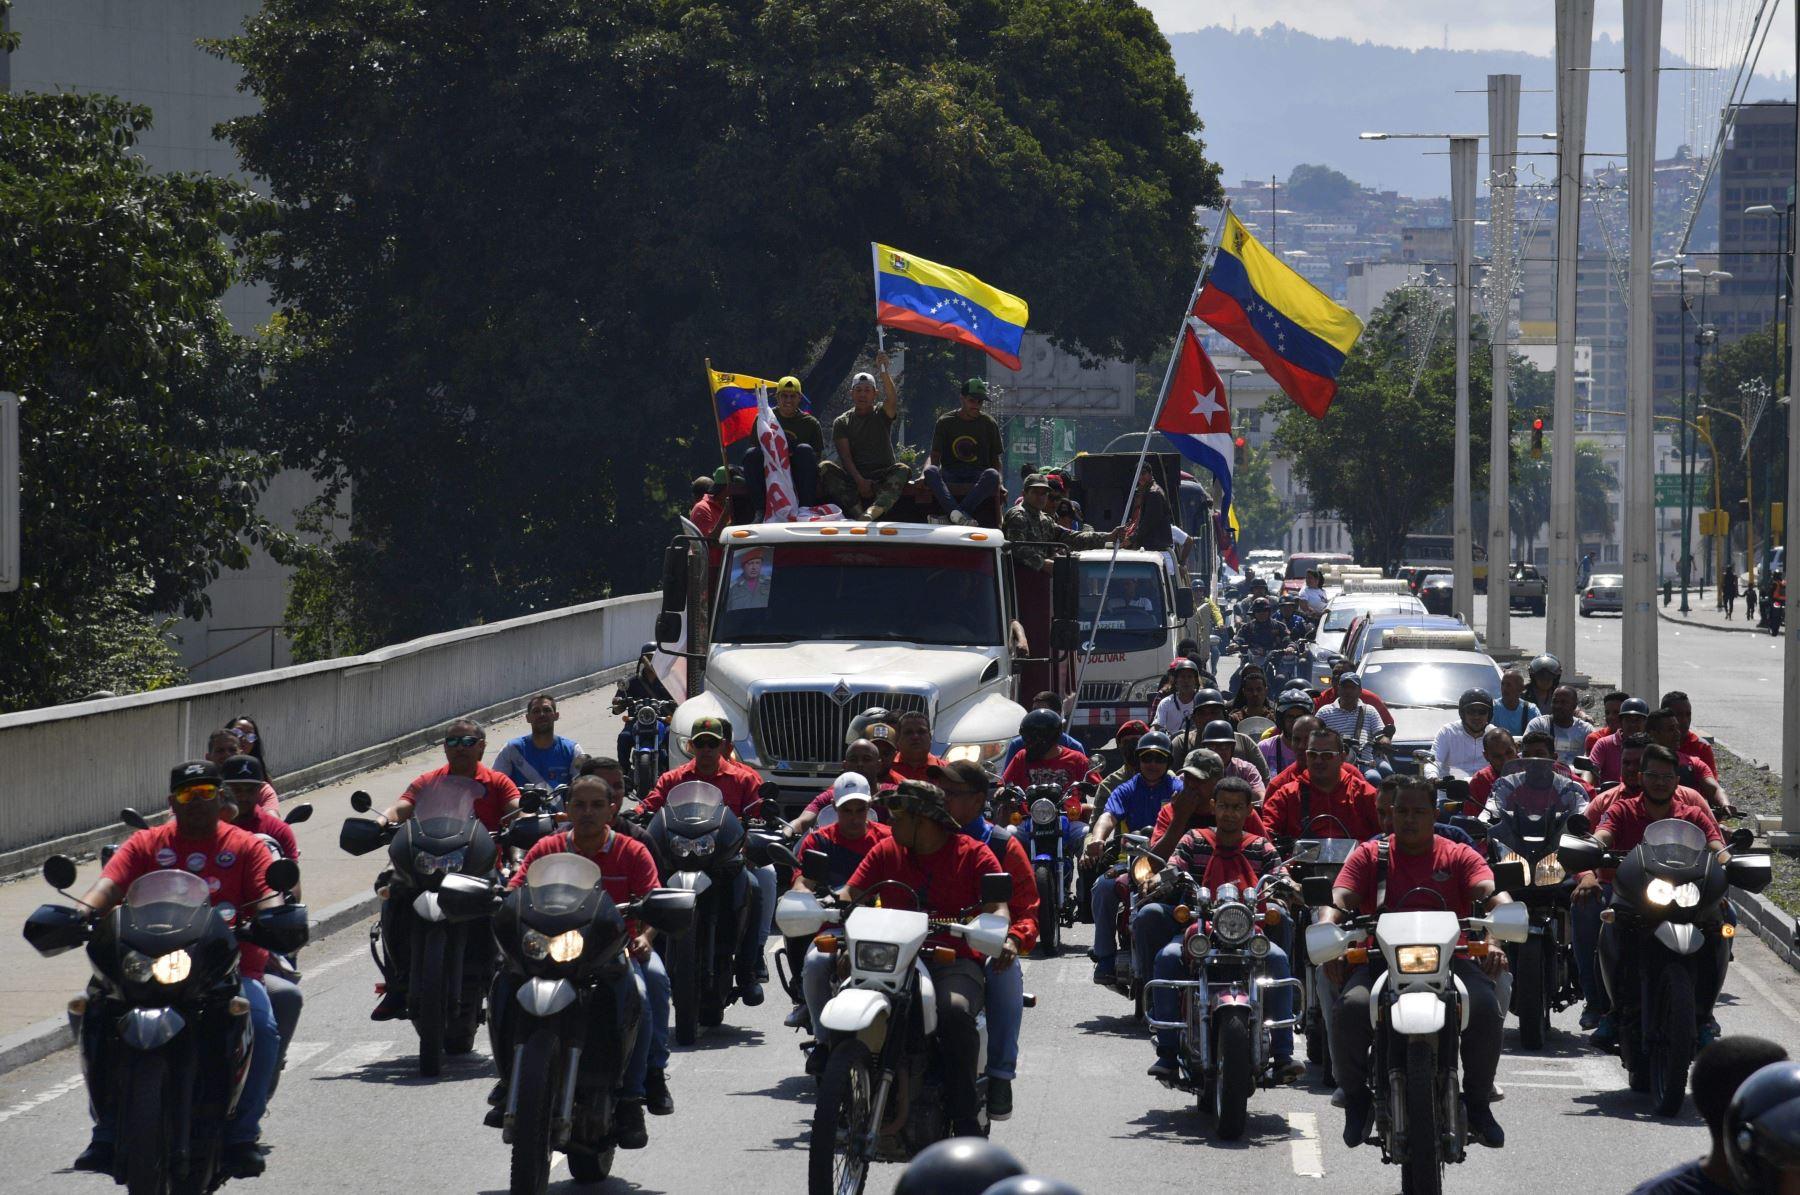 Partidarios del presidente venezolano Nicolás Maduro en motocicletas, camiones y automóviles participan en un mitin Foto: AFP